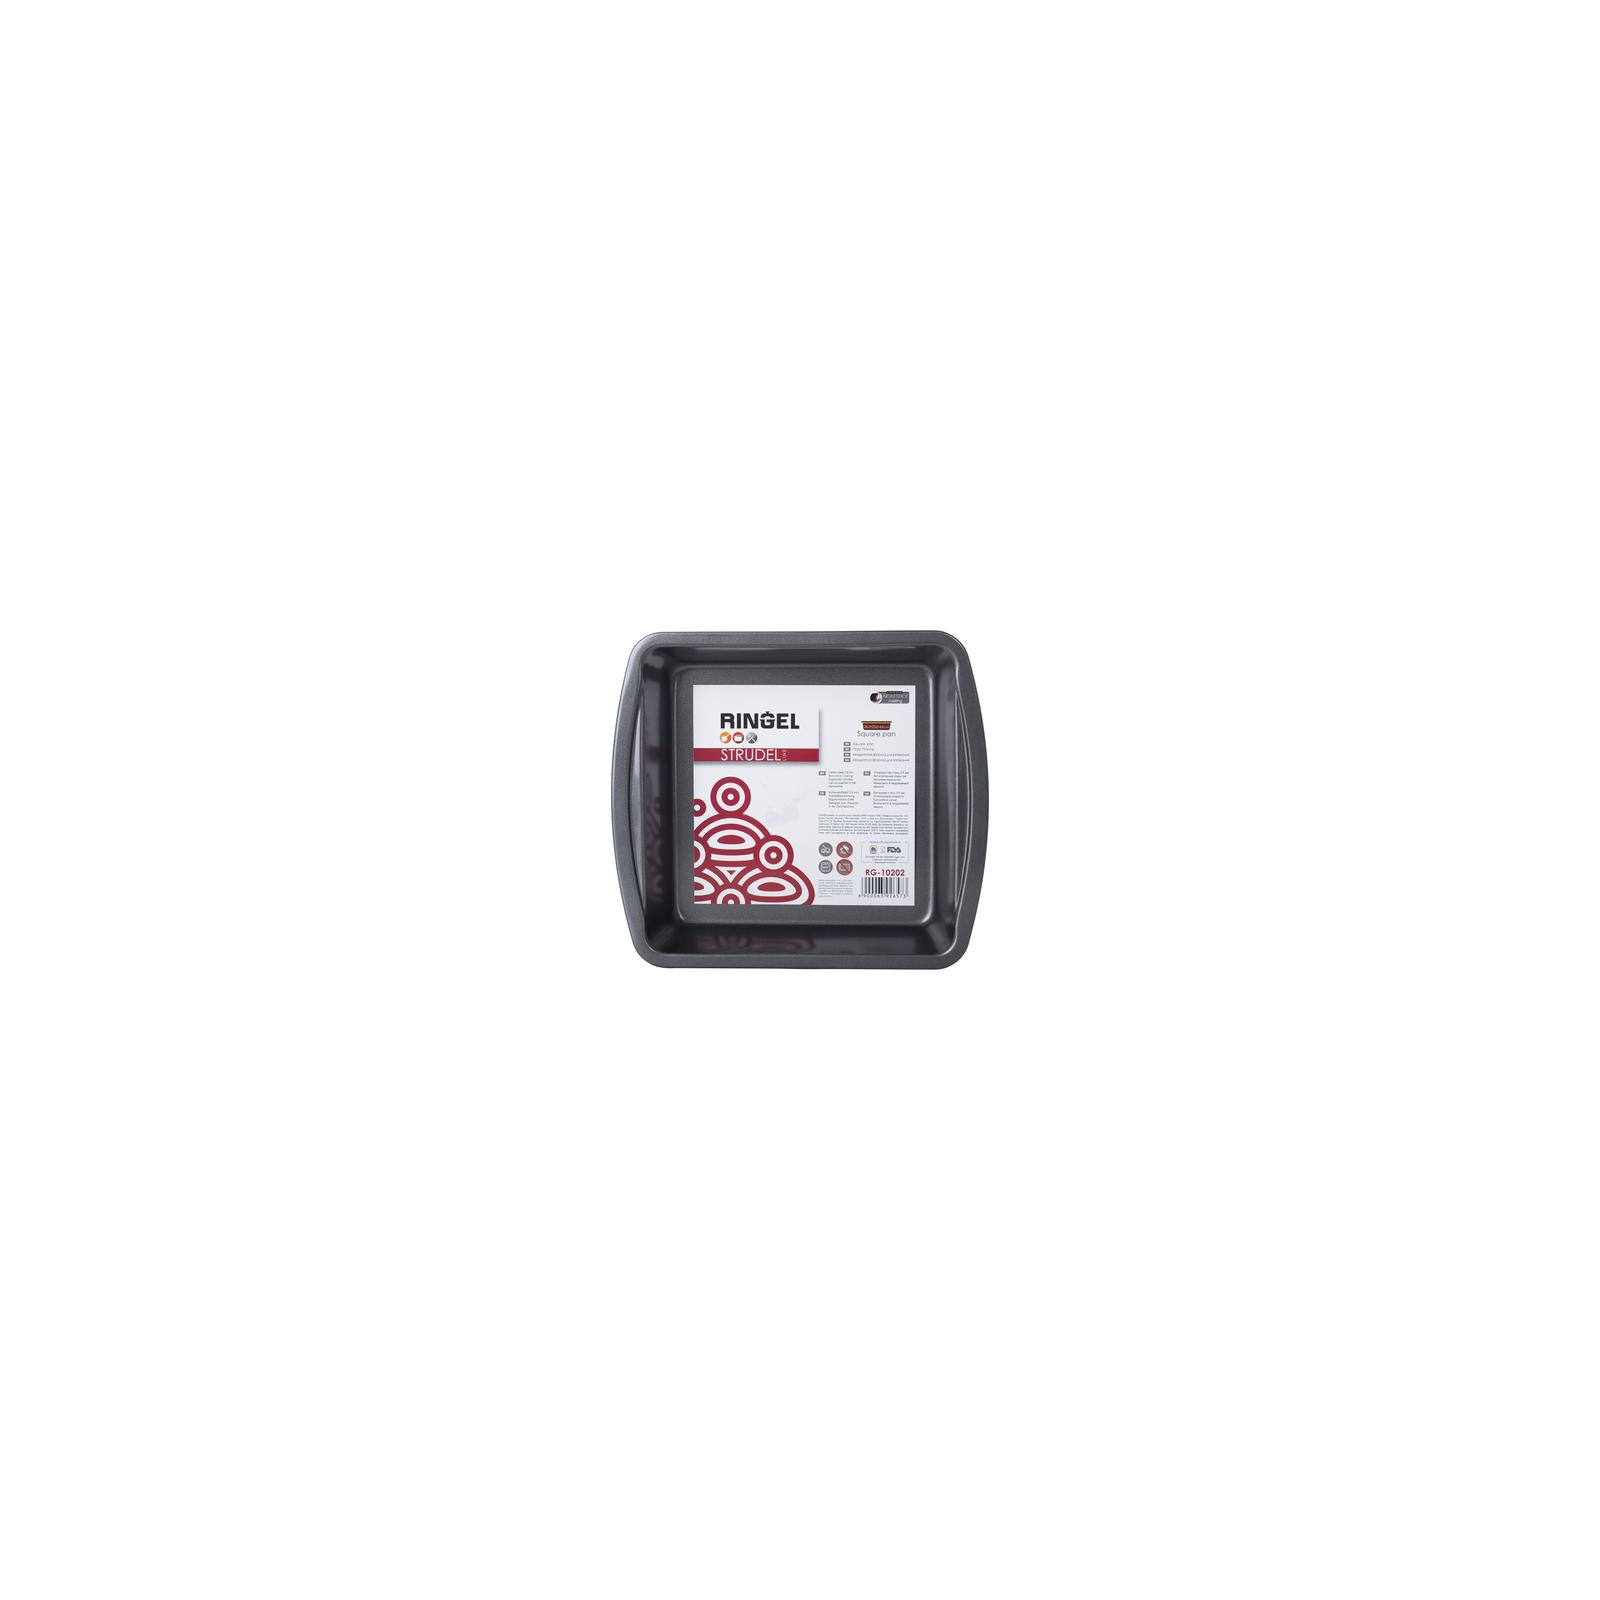 Форма для выпечки Ringel Strudel прямоугольная 26 х 23.5 х 4.5 см (RG-10202)